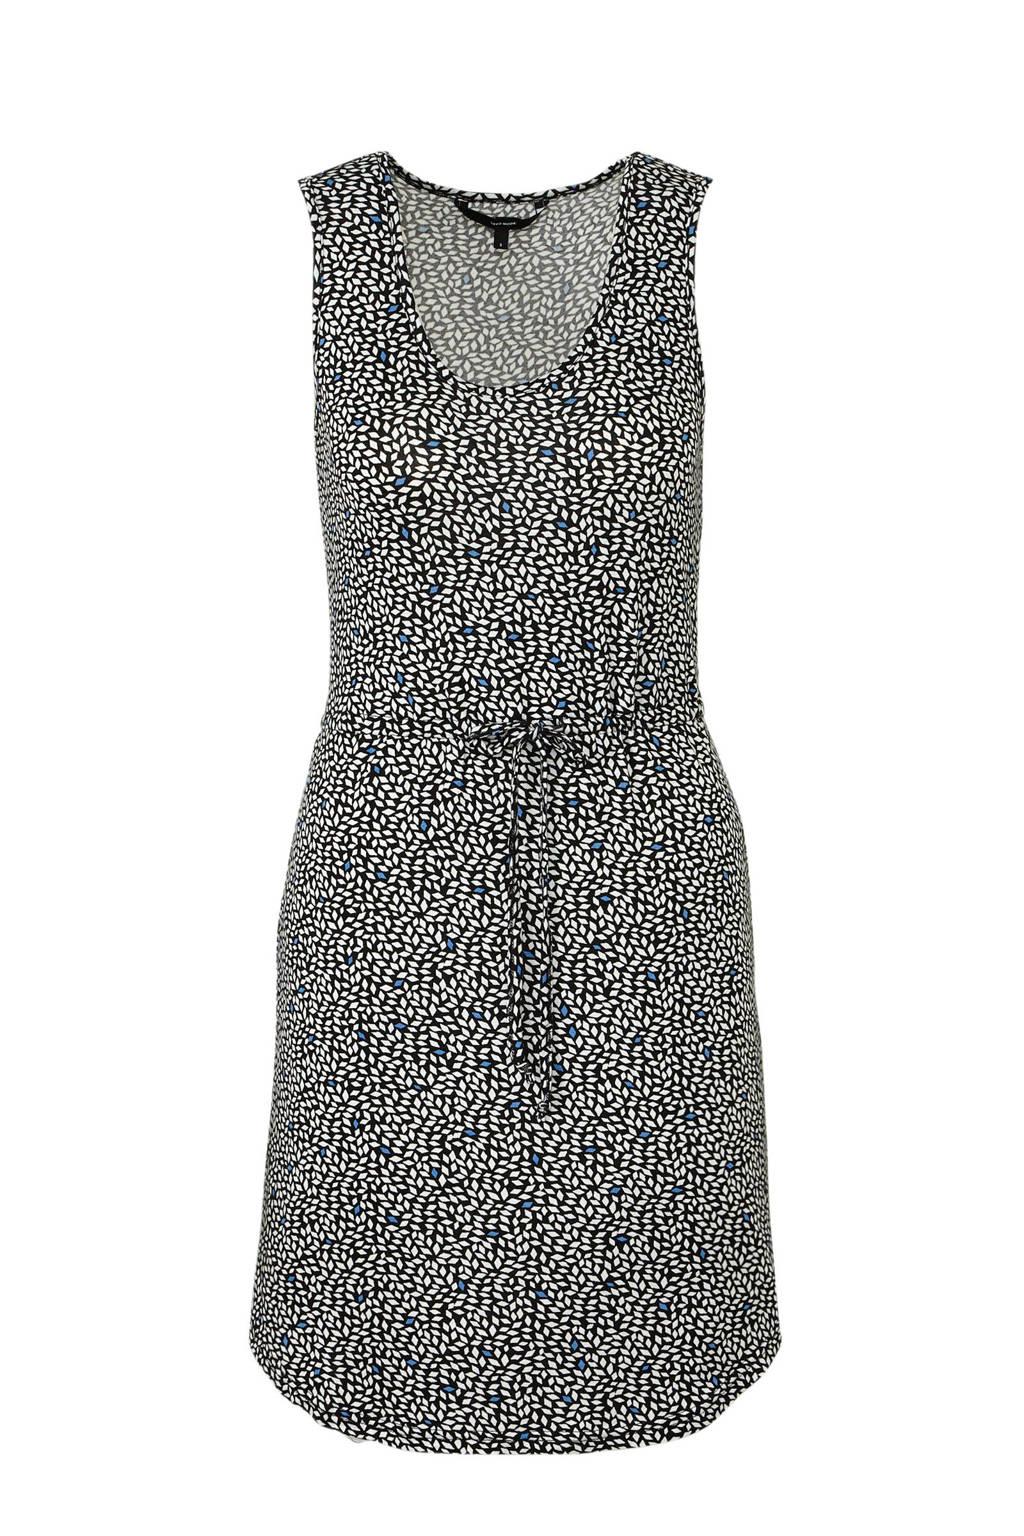 VERO MODA jurk met all over print, Zwart/wit/blauw